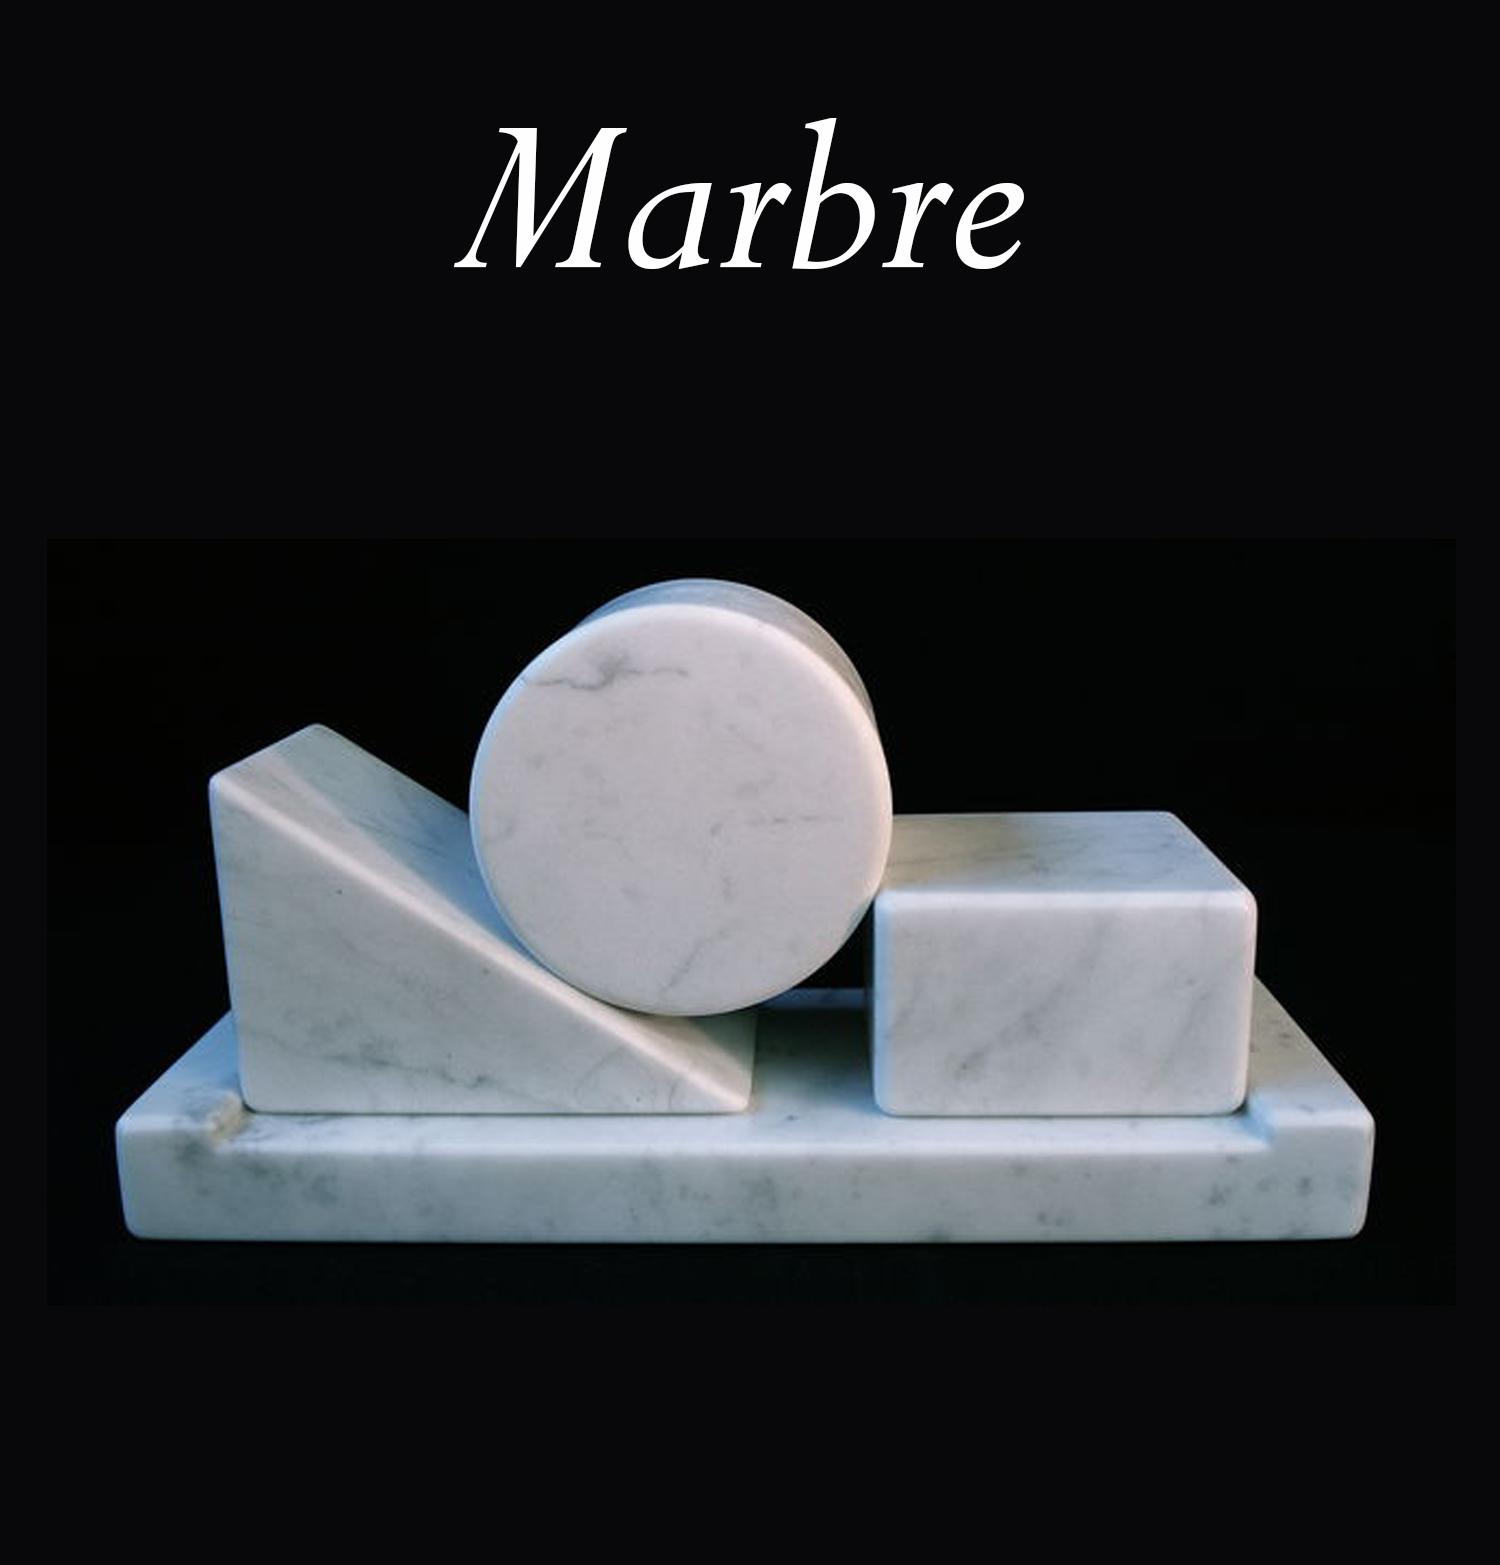 logo marbre.JPG